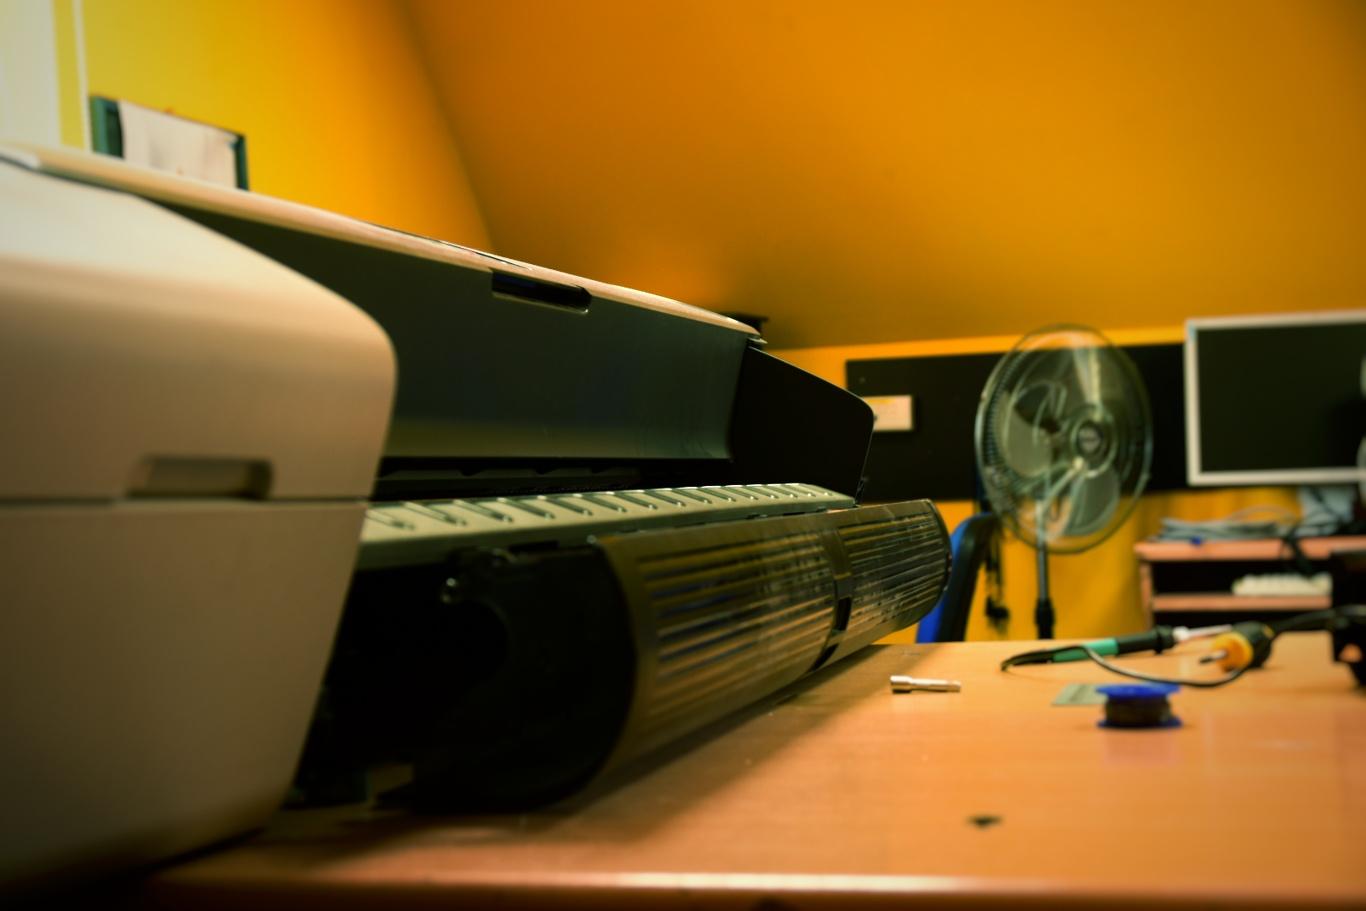 Techniczna obsługa i naprawa ploterów. © Zdjęcie za zgodą Akte.com.pl i autora @PhotoSchroedingerCat https://akte.com.pl/serwis-ploterow/